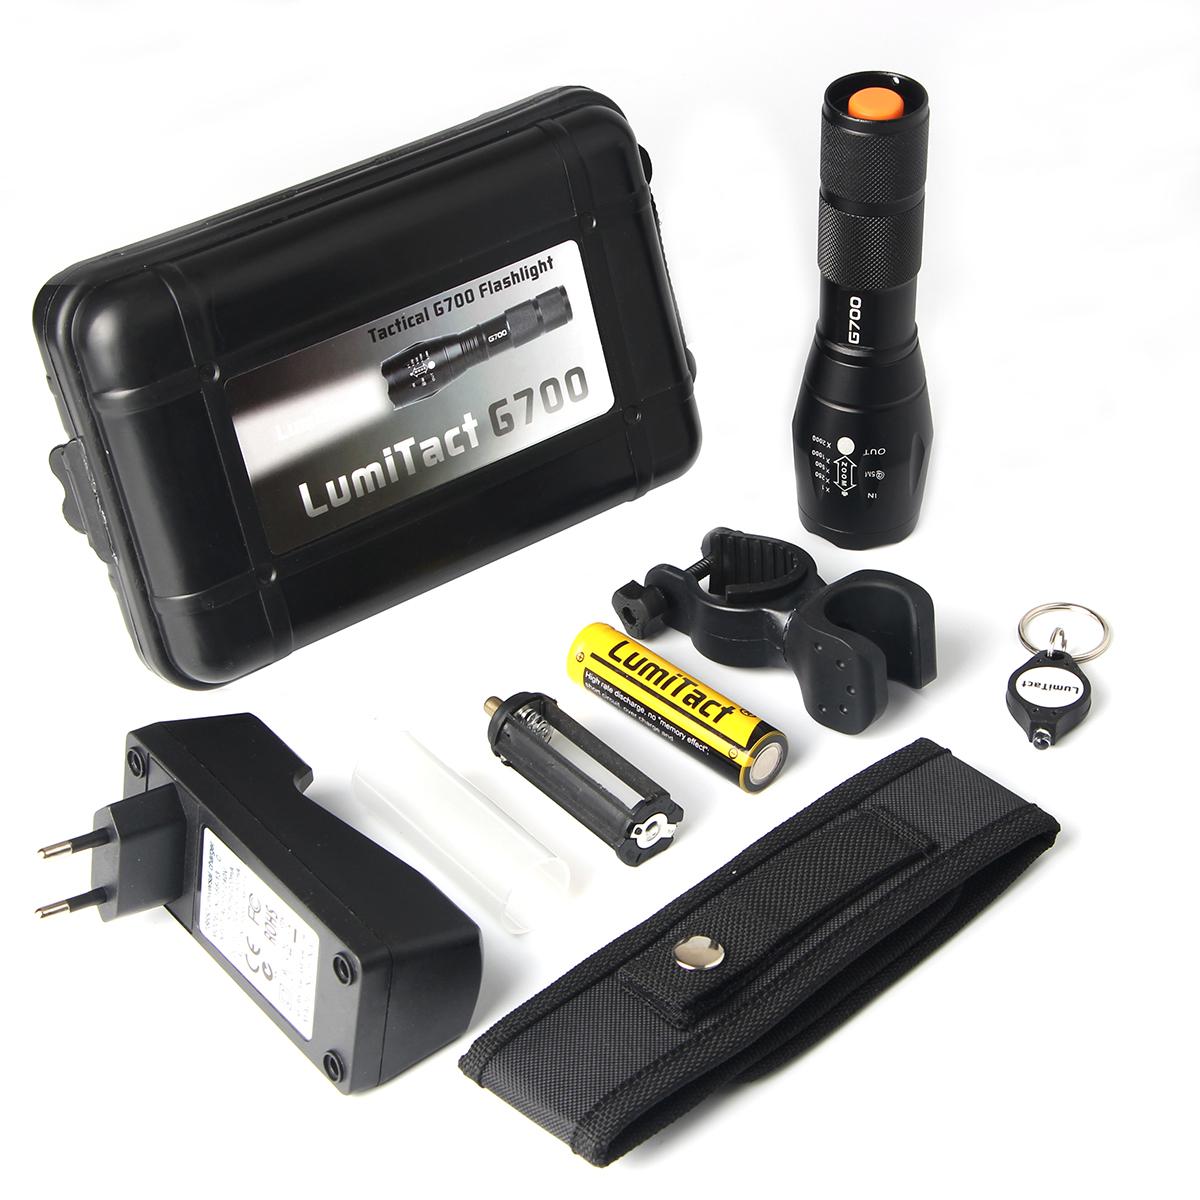 Inklusive 2600mah Batterie Taschenlampe Led Lumitact G700 Extrem Hell 3000 Lumen CREE Taktische Taschenlampen Wiederaufladbare Aufladbar Tragbarer Zoombar Fackel f/ür Camping Wandern und Notf/älle